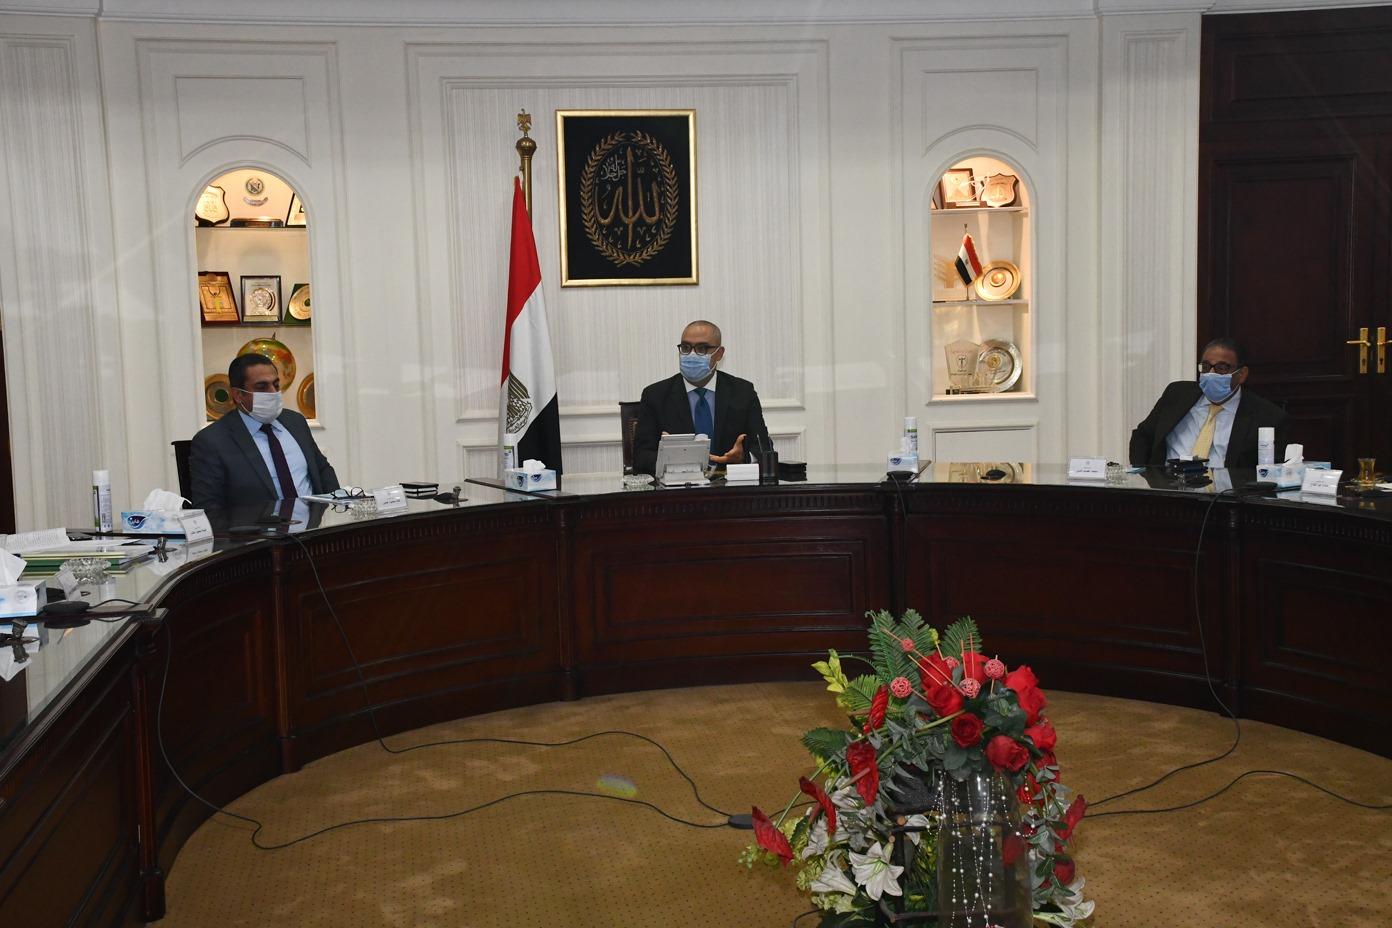 صور | وزير الإسكان يستعرض مشروع الاشتراطات البنائية بالقاهرة والجيزة والإسكندرية